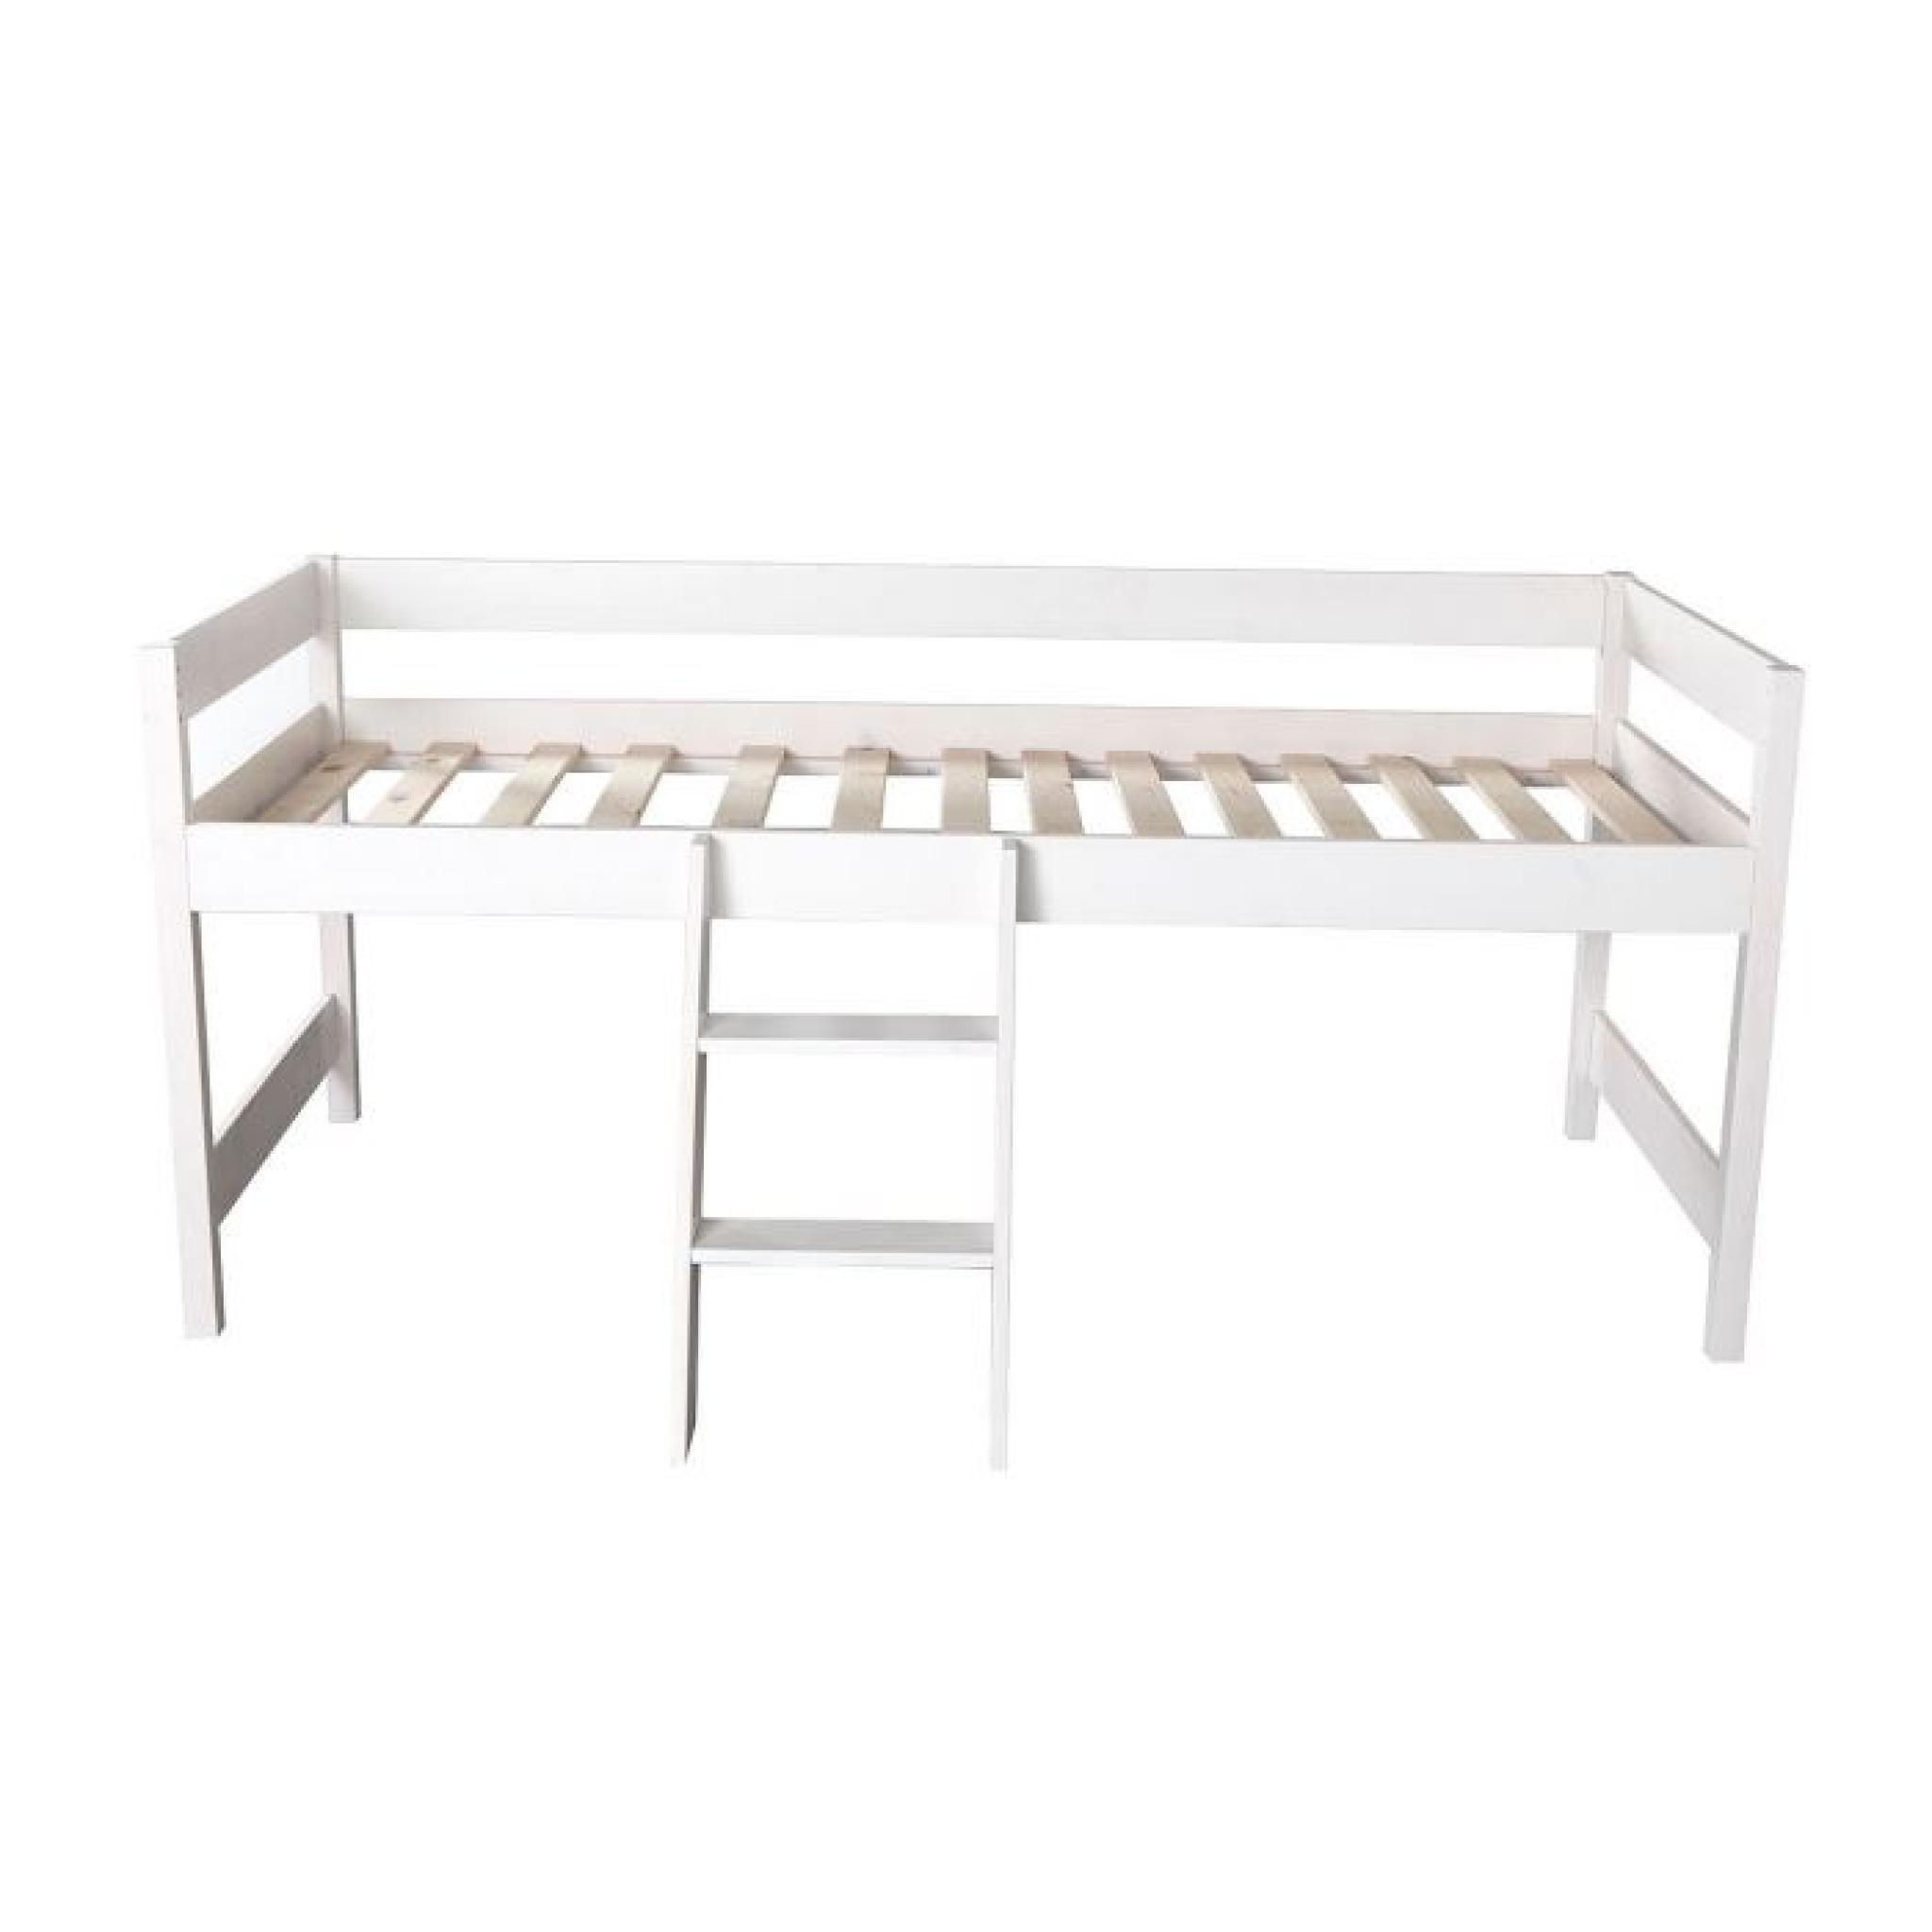 miliboo lit cabane enfant blanc little house achat vente lit enfant pas cher couleur et. Black Bedroom Furniture Sets. Home Design Ideas